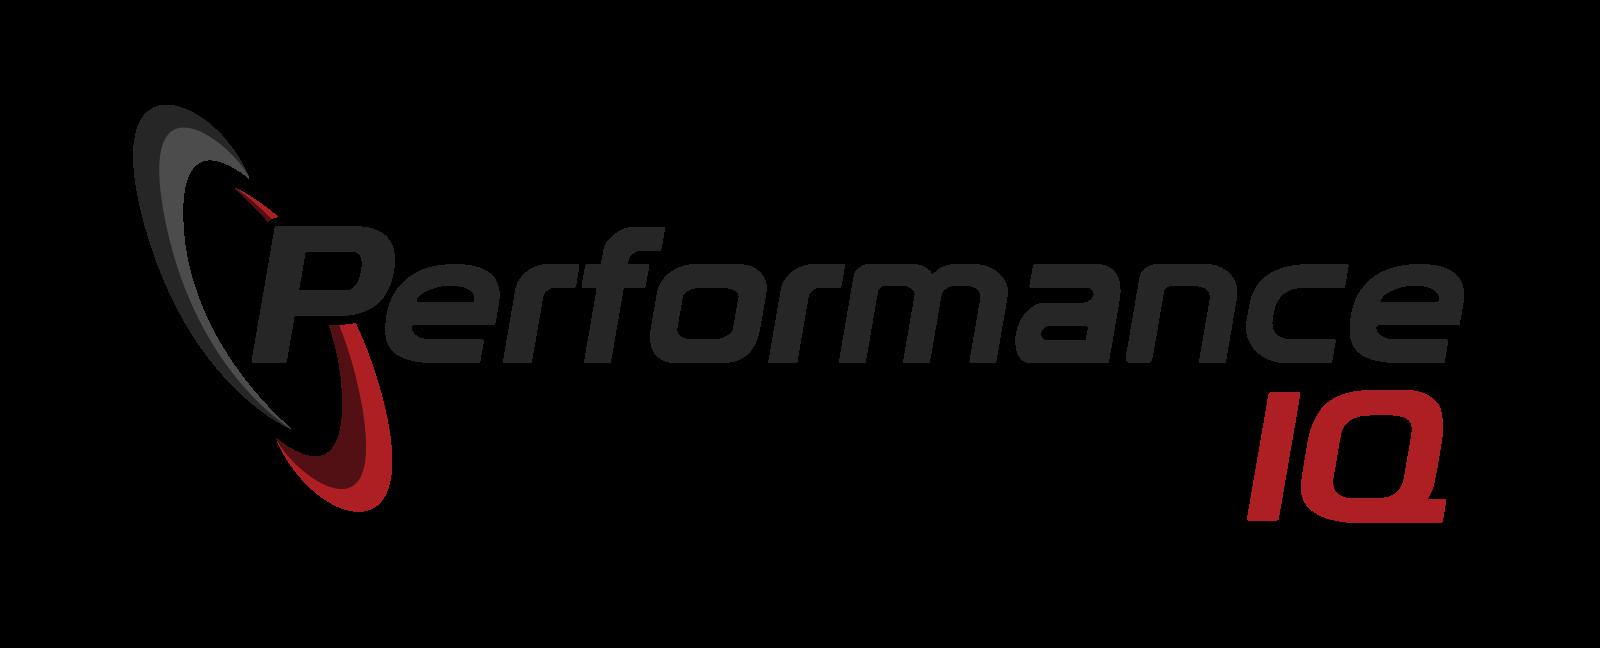 Performance IQ